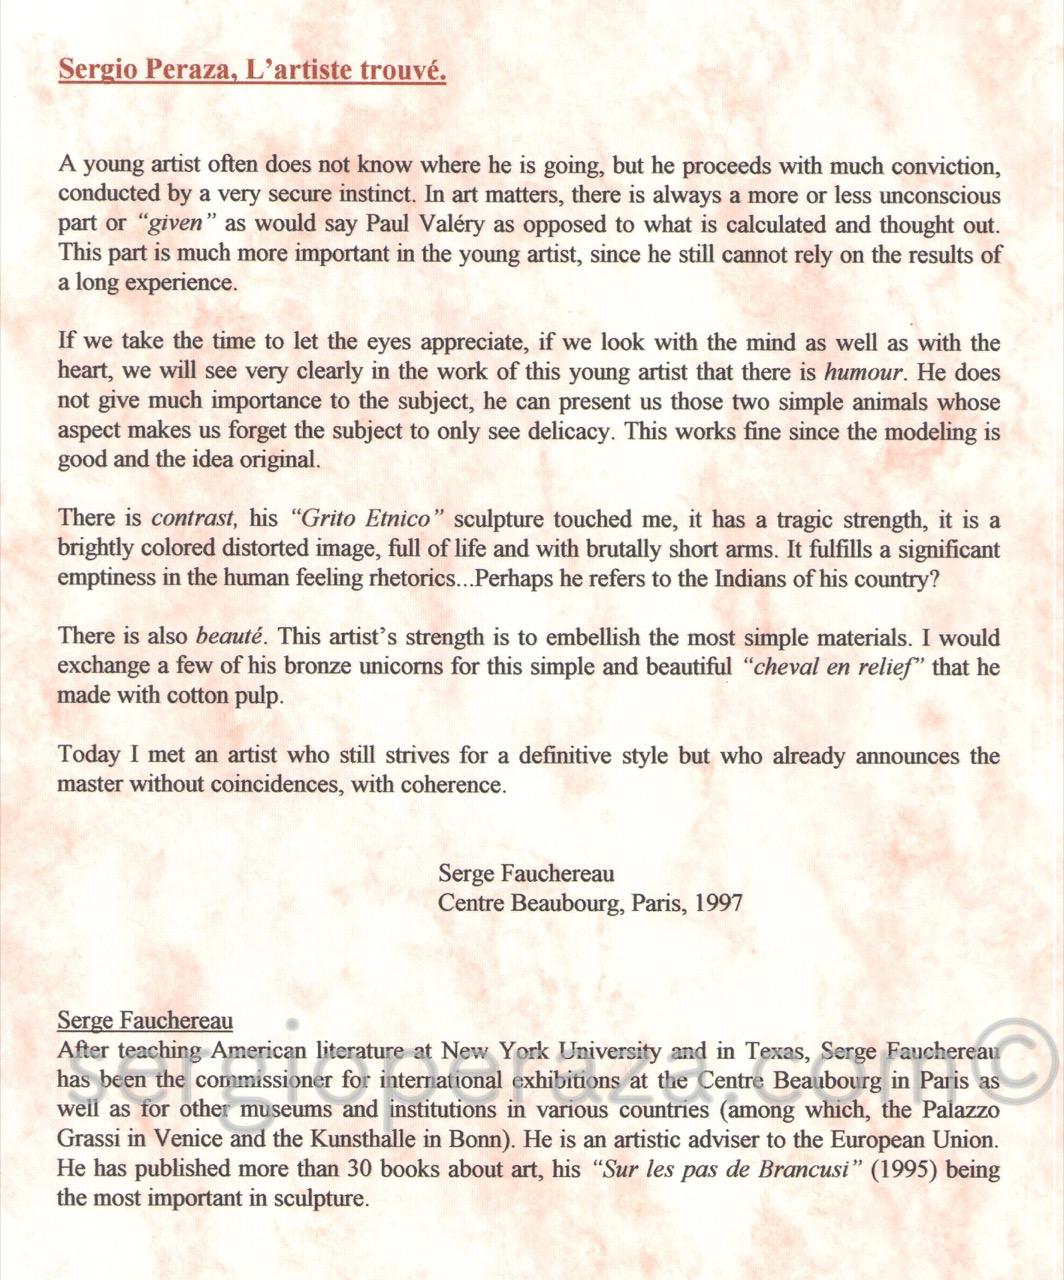 Texto En Ingles Critico De Arte Serge Fauchereau Sergio Peraza Artista Escultor